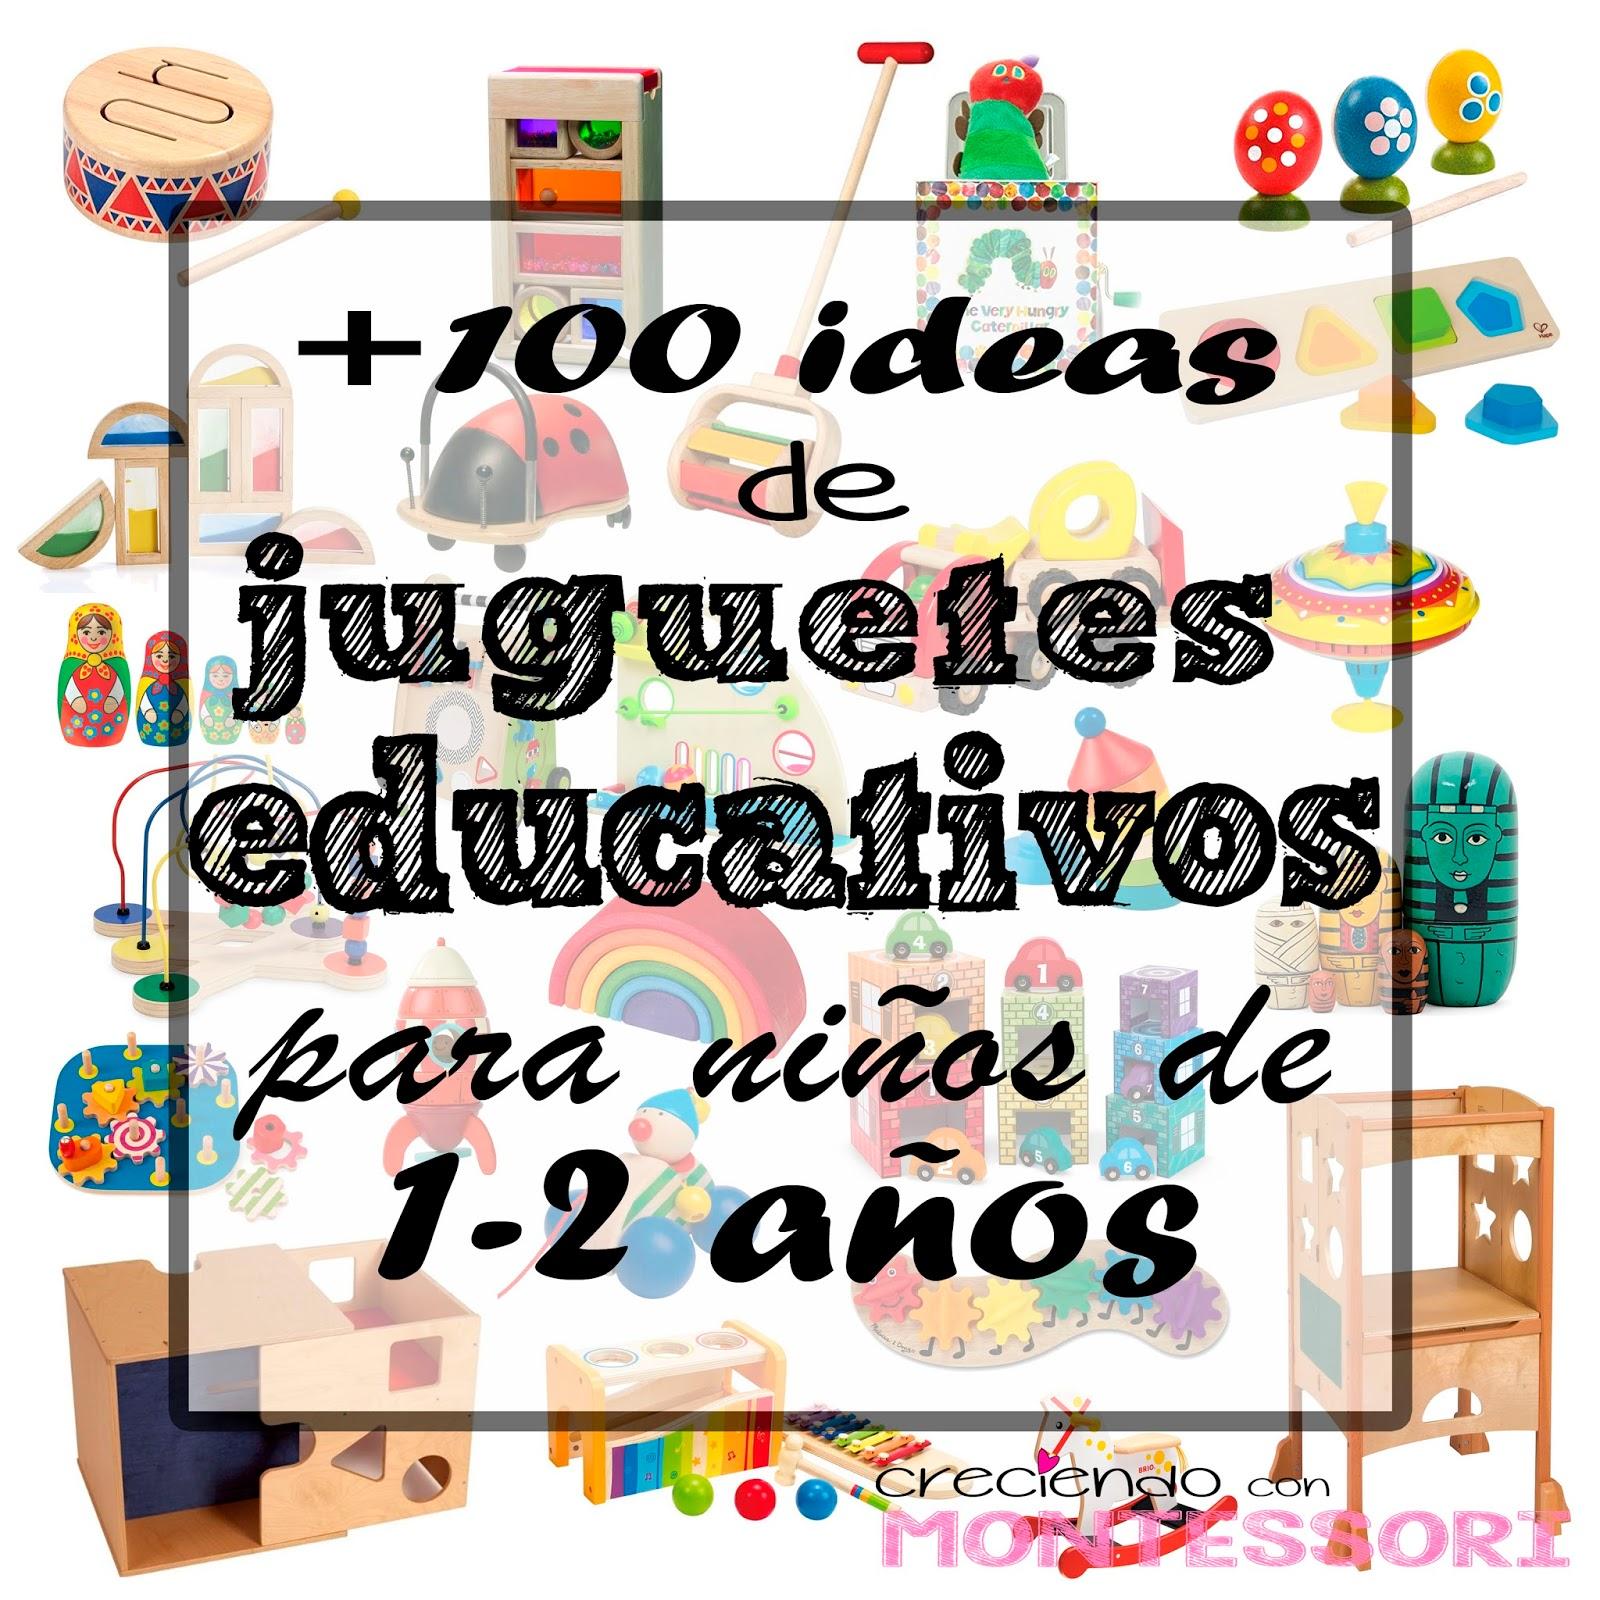 Más de 100 ideas de Juguetes Educativos para niños de 1-2 años ...